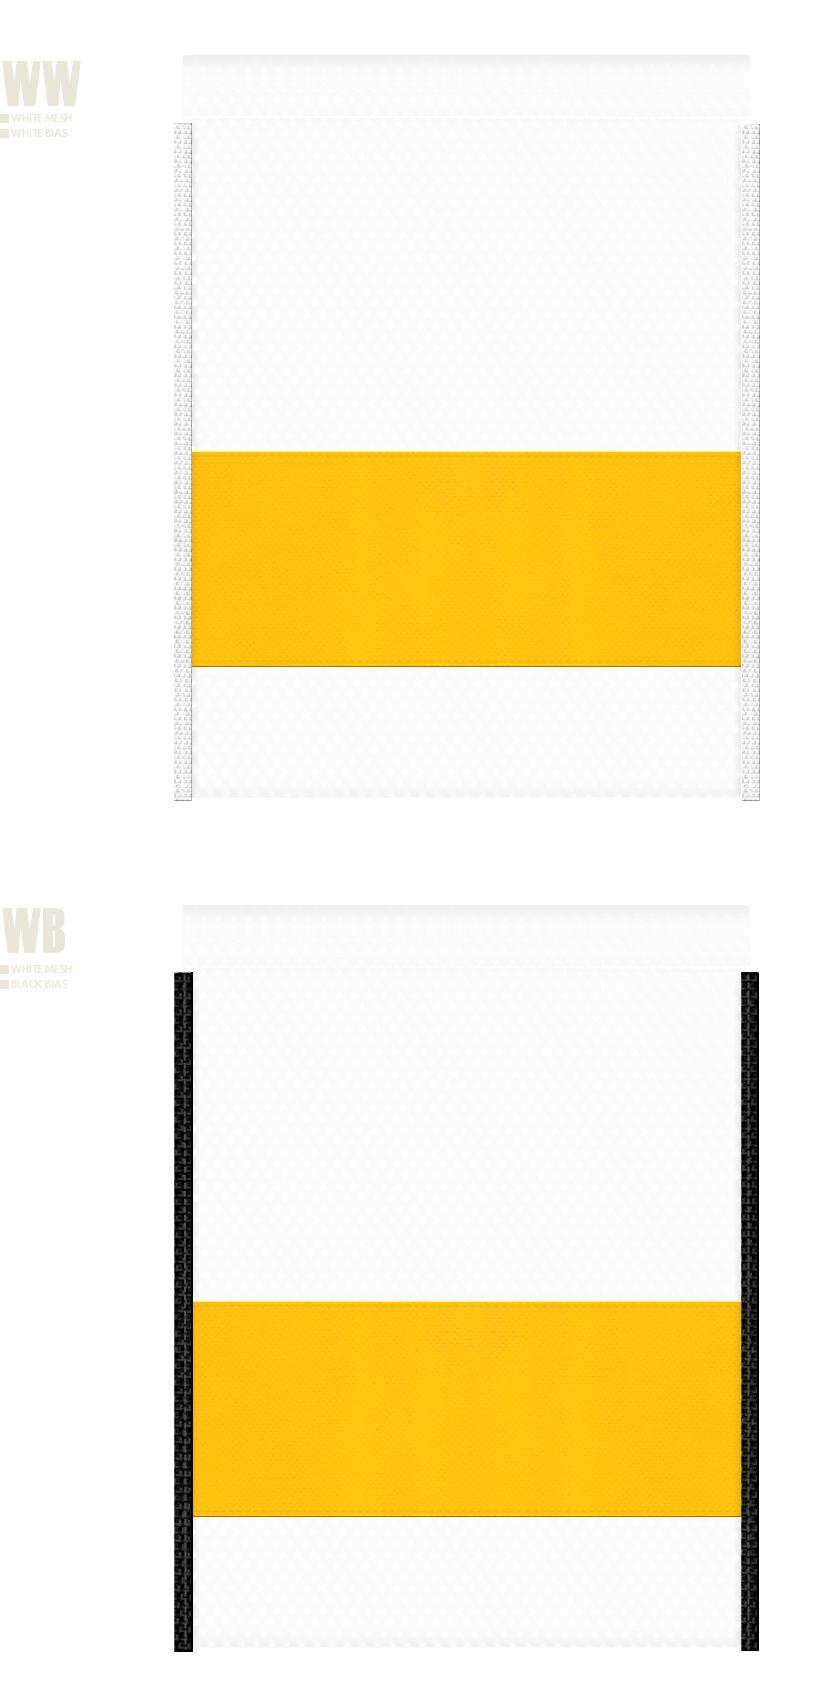 白色メッシュと黄色不織布のメッシュバッグカラーシミュレーション:キャンプ用品・アウトドア用品・スポーツ用品・シューズバッグにお奨め